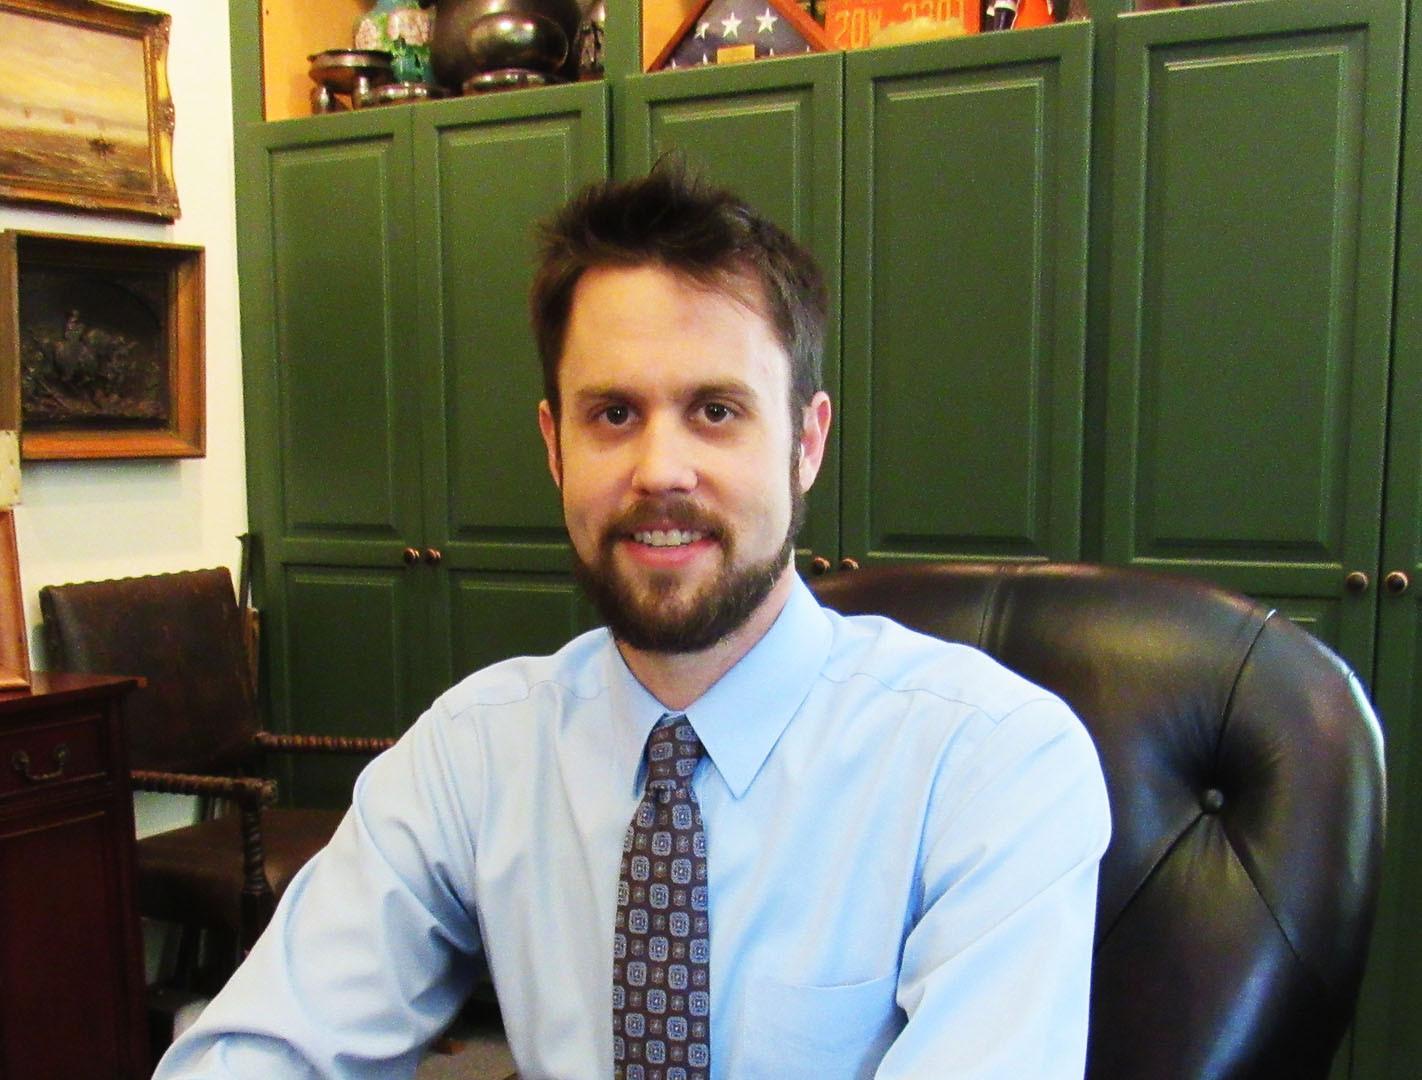 William S. Masson